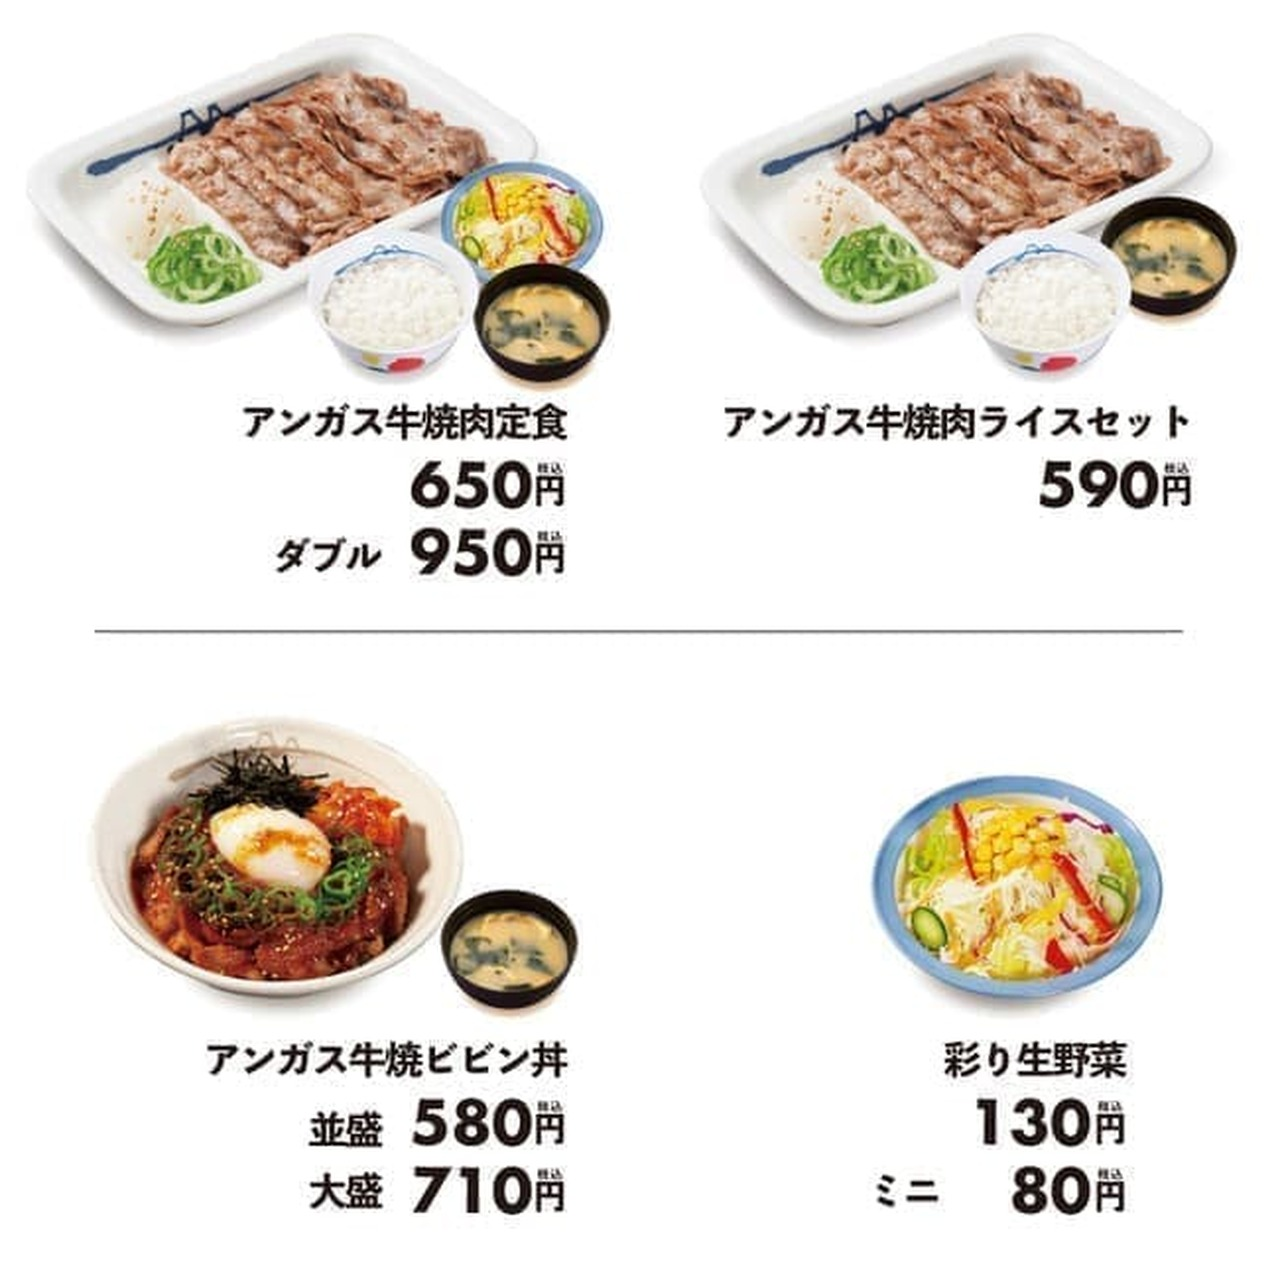 松屋「牛焼肉定食」アンガス牛100%使用にバージョンアップ